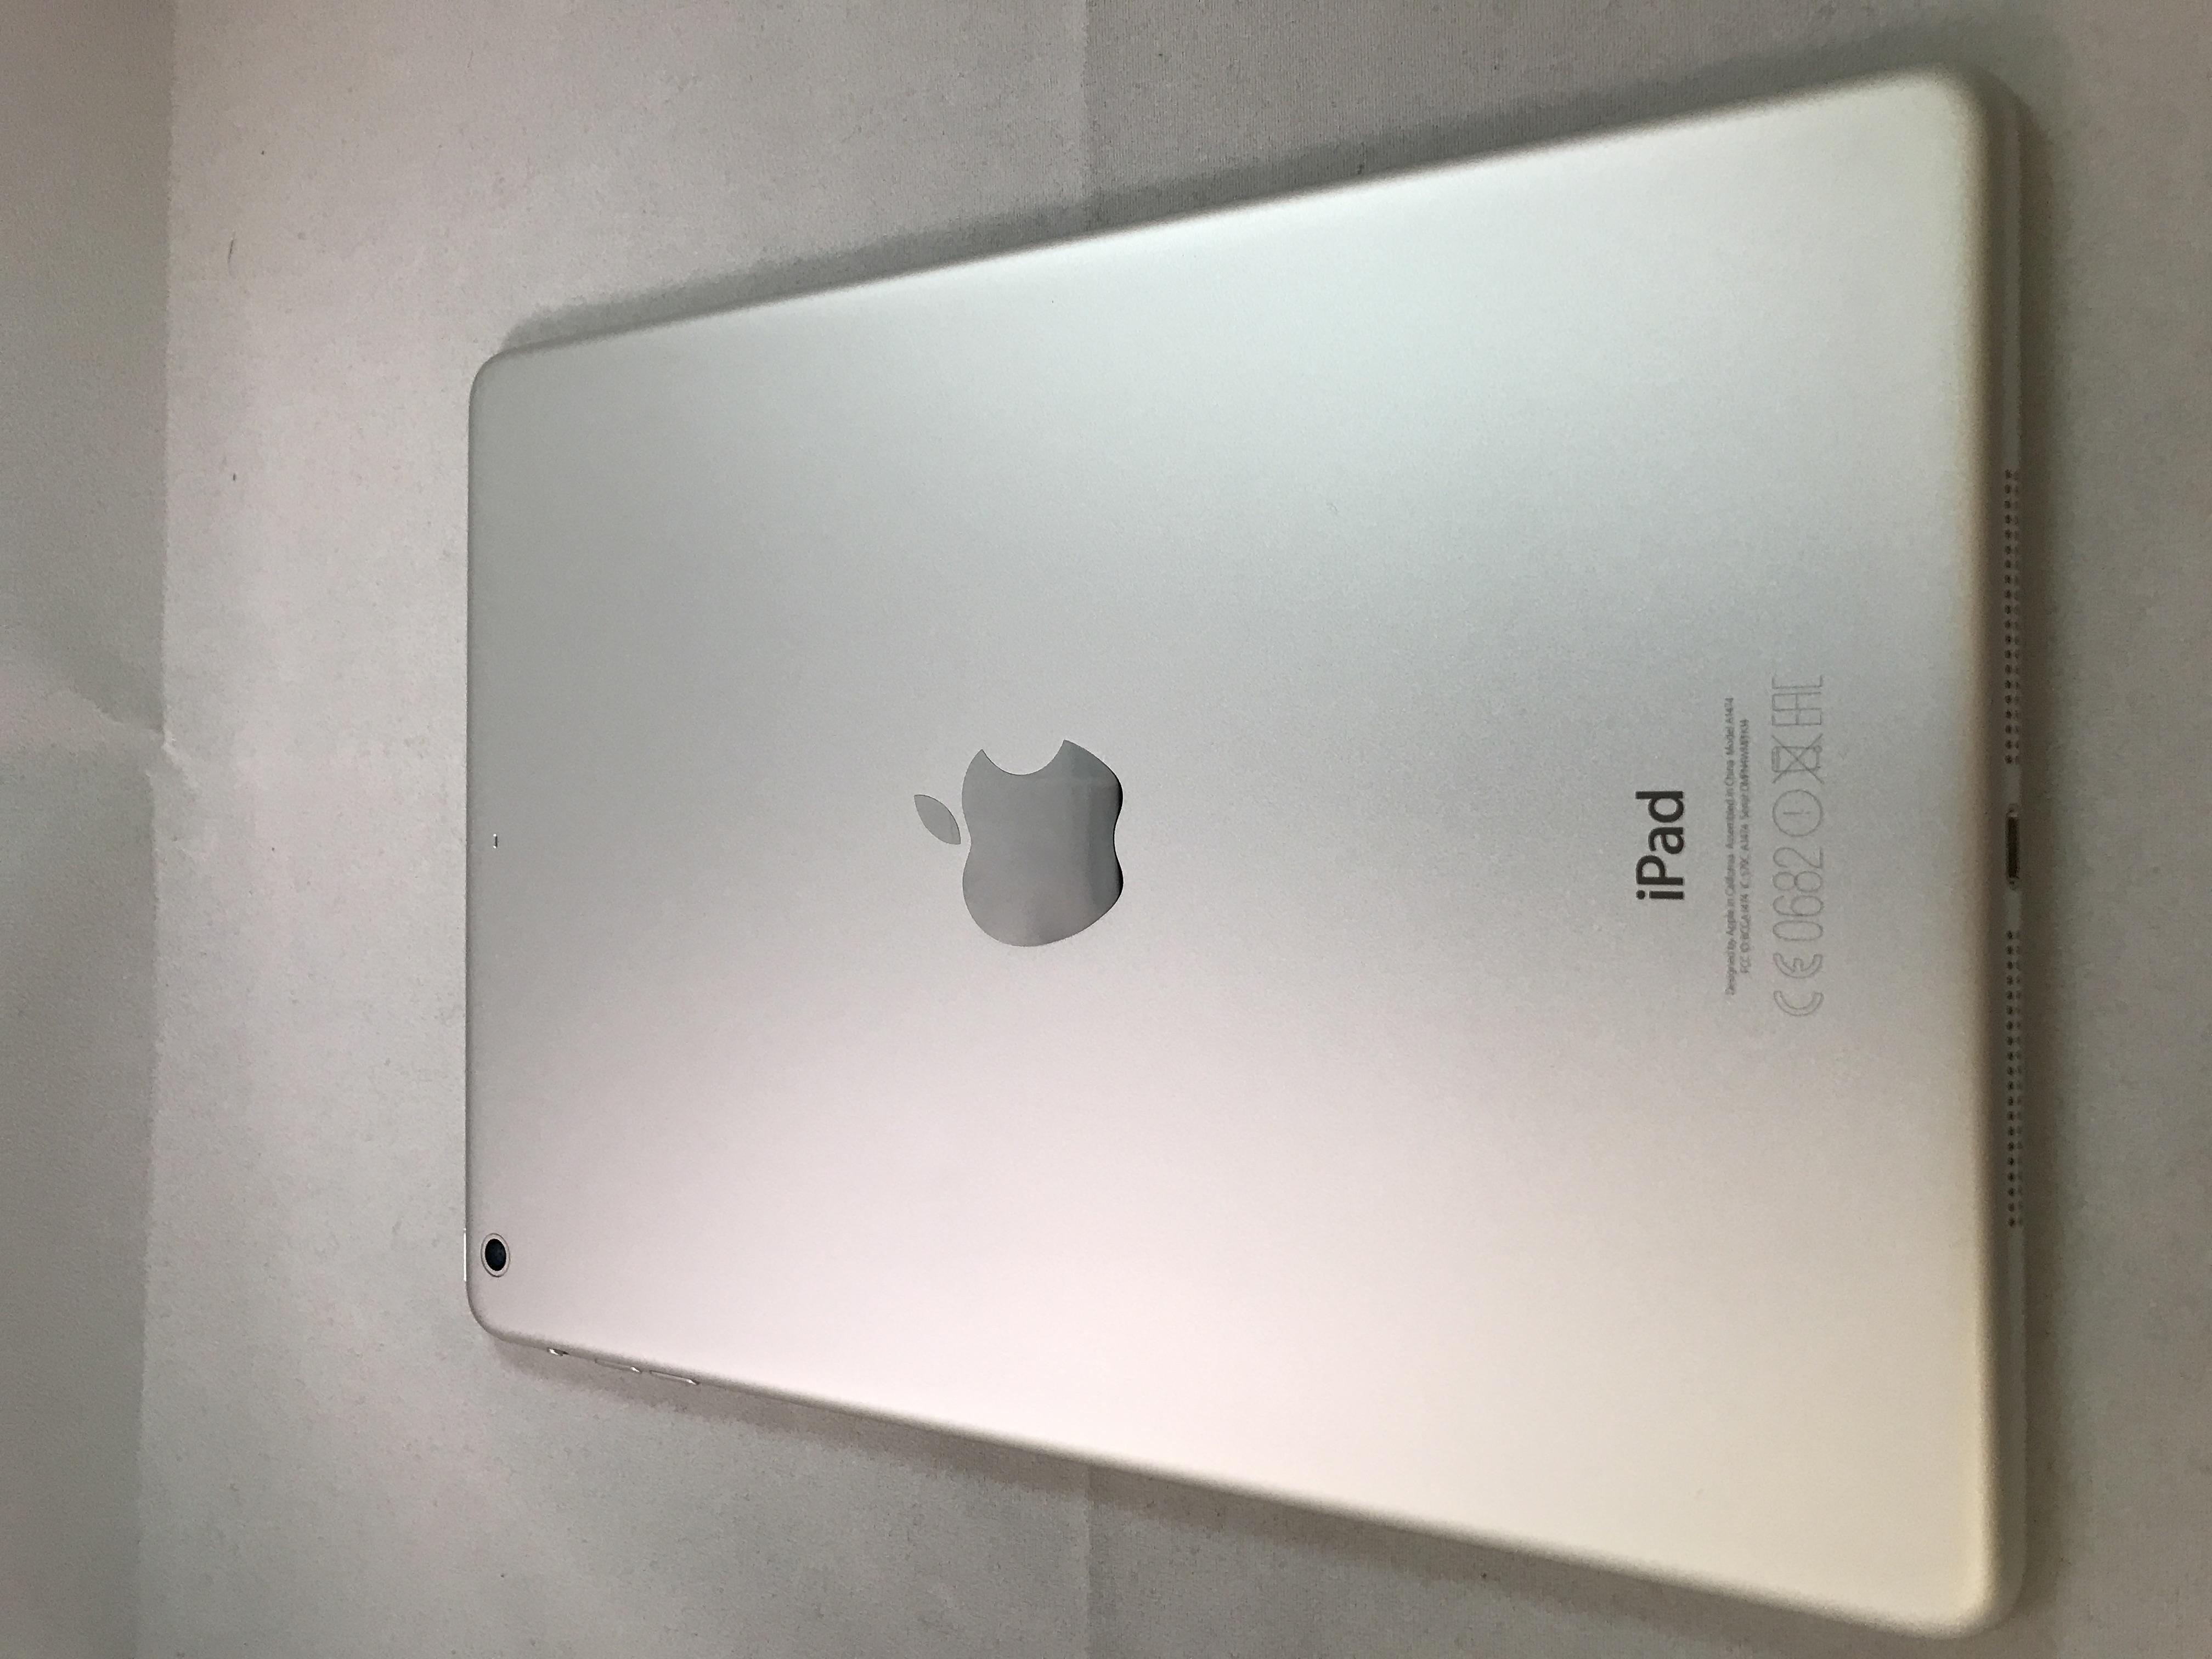 iPad Air Wi-Fi 16GB, 16GB, SILVER, bild 2